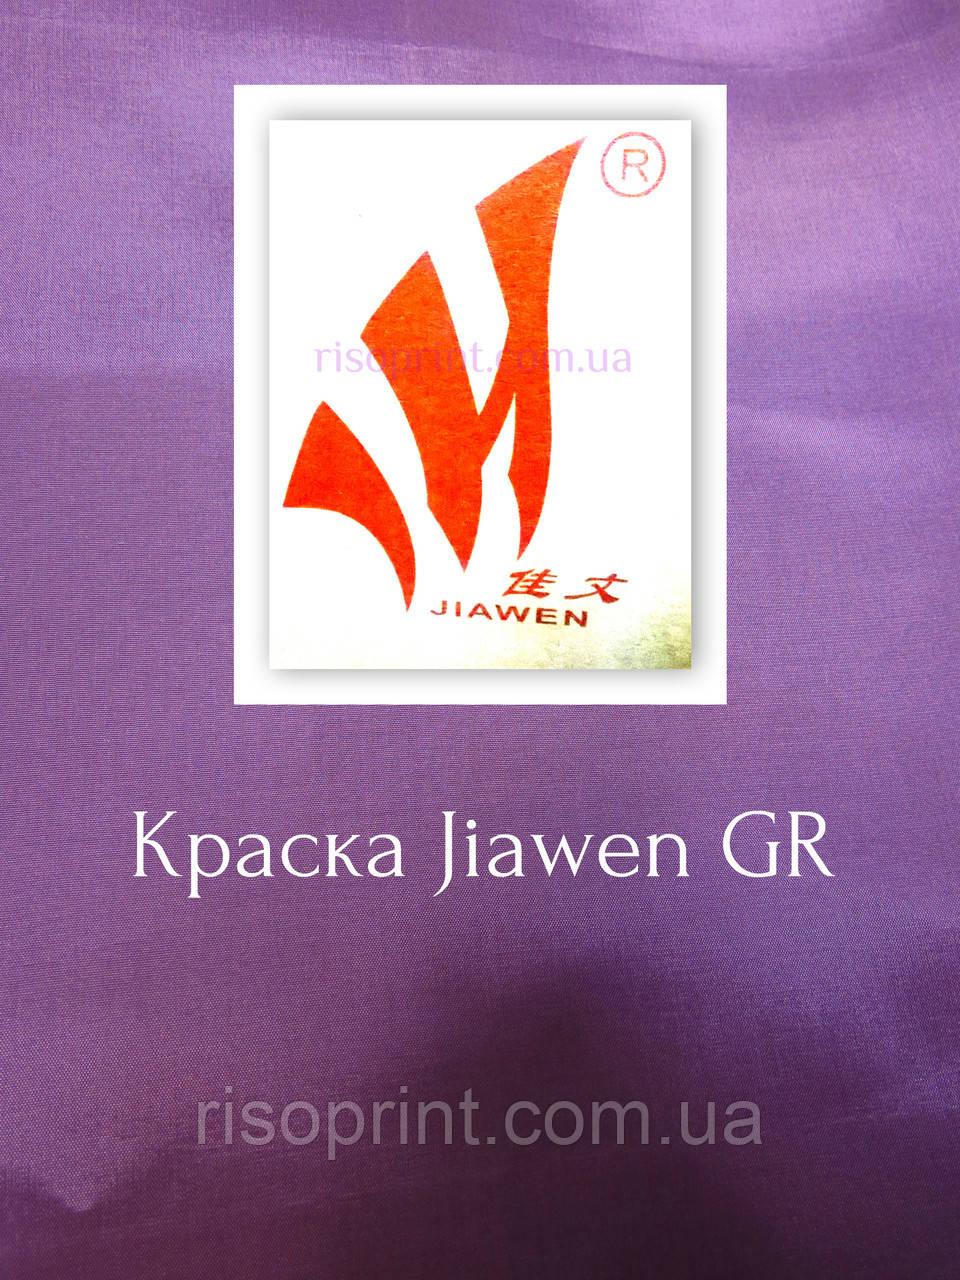 Краска  лицензионная для ризографа Riso Jiawen GR  - ФЛ-П Шатный Г. А. в Харькове